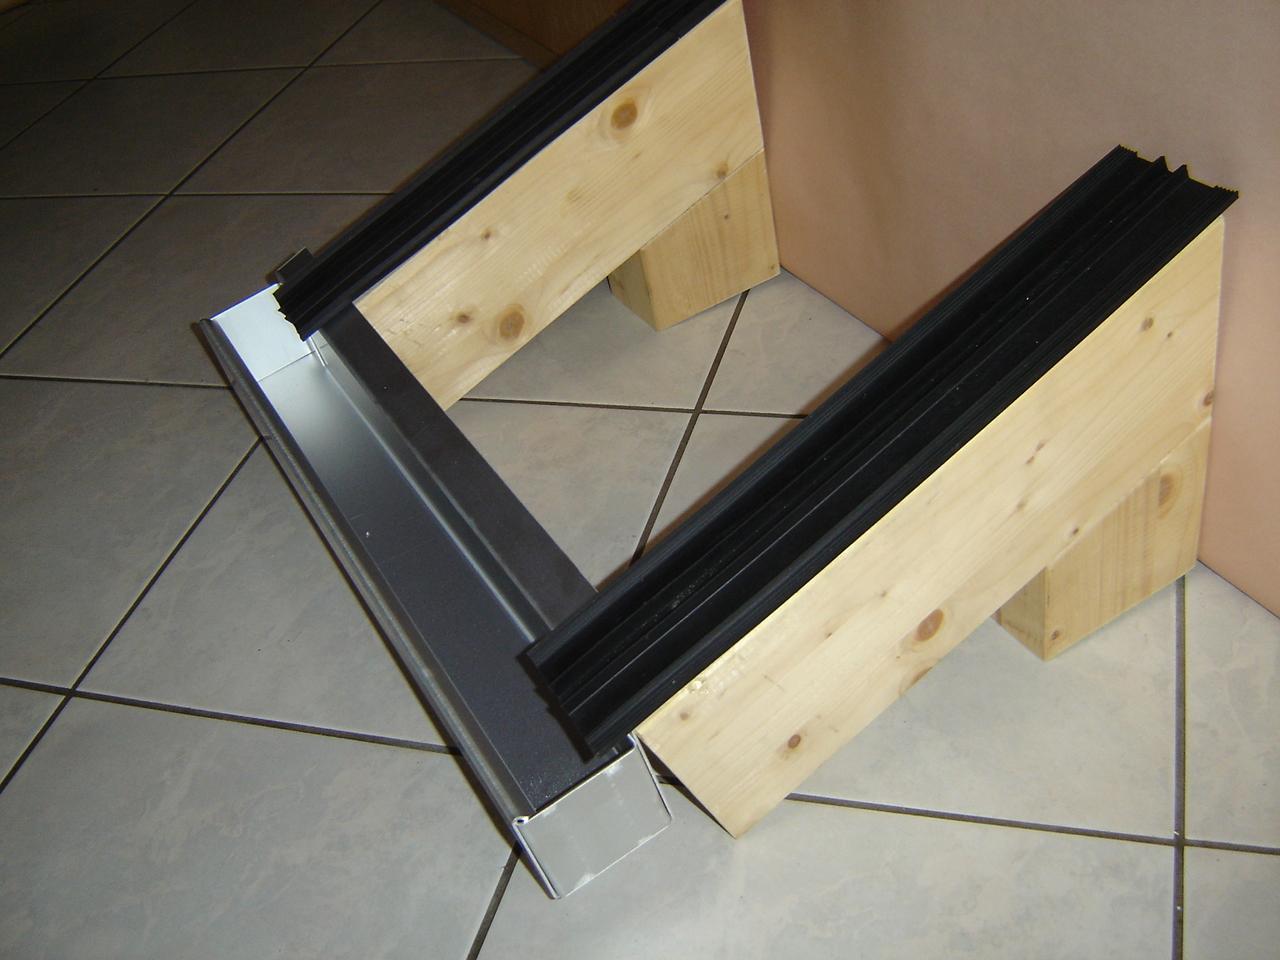 wintergarten zum selberbauen fassaden ebay. Black Bedroom Furniture Sets. Home Design Ideas